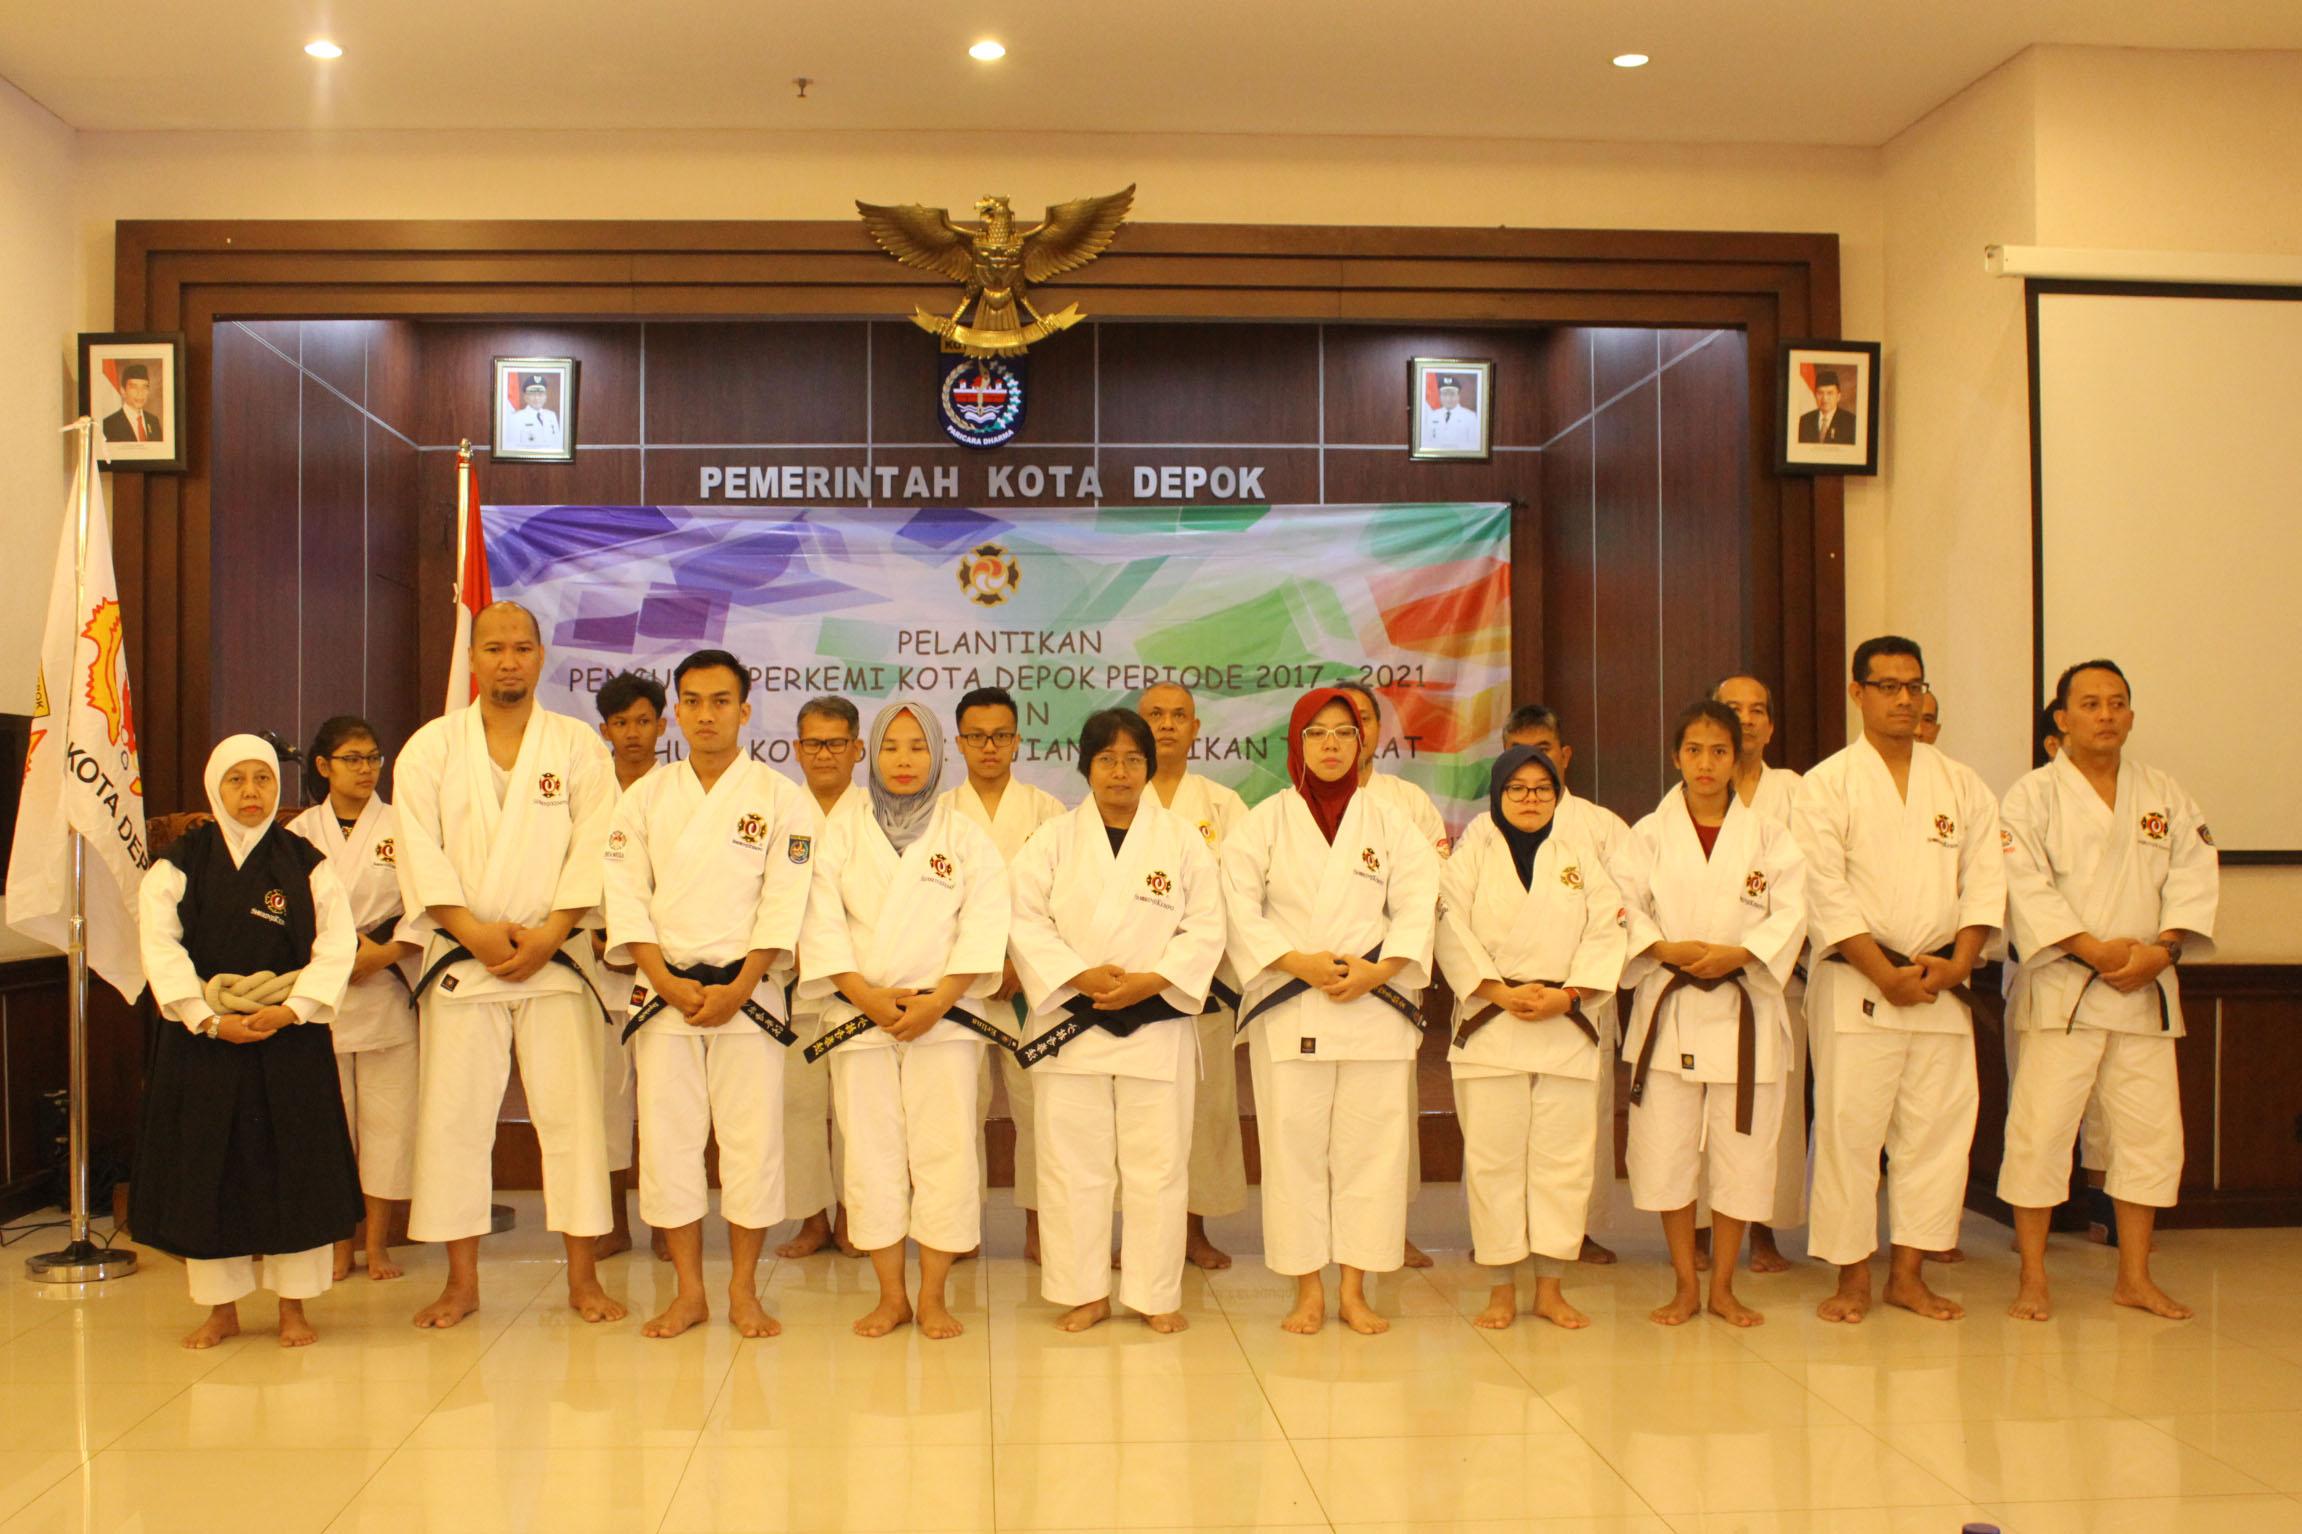 foto para pengurus Perkemi periode 2017-2021